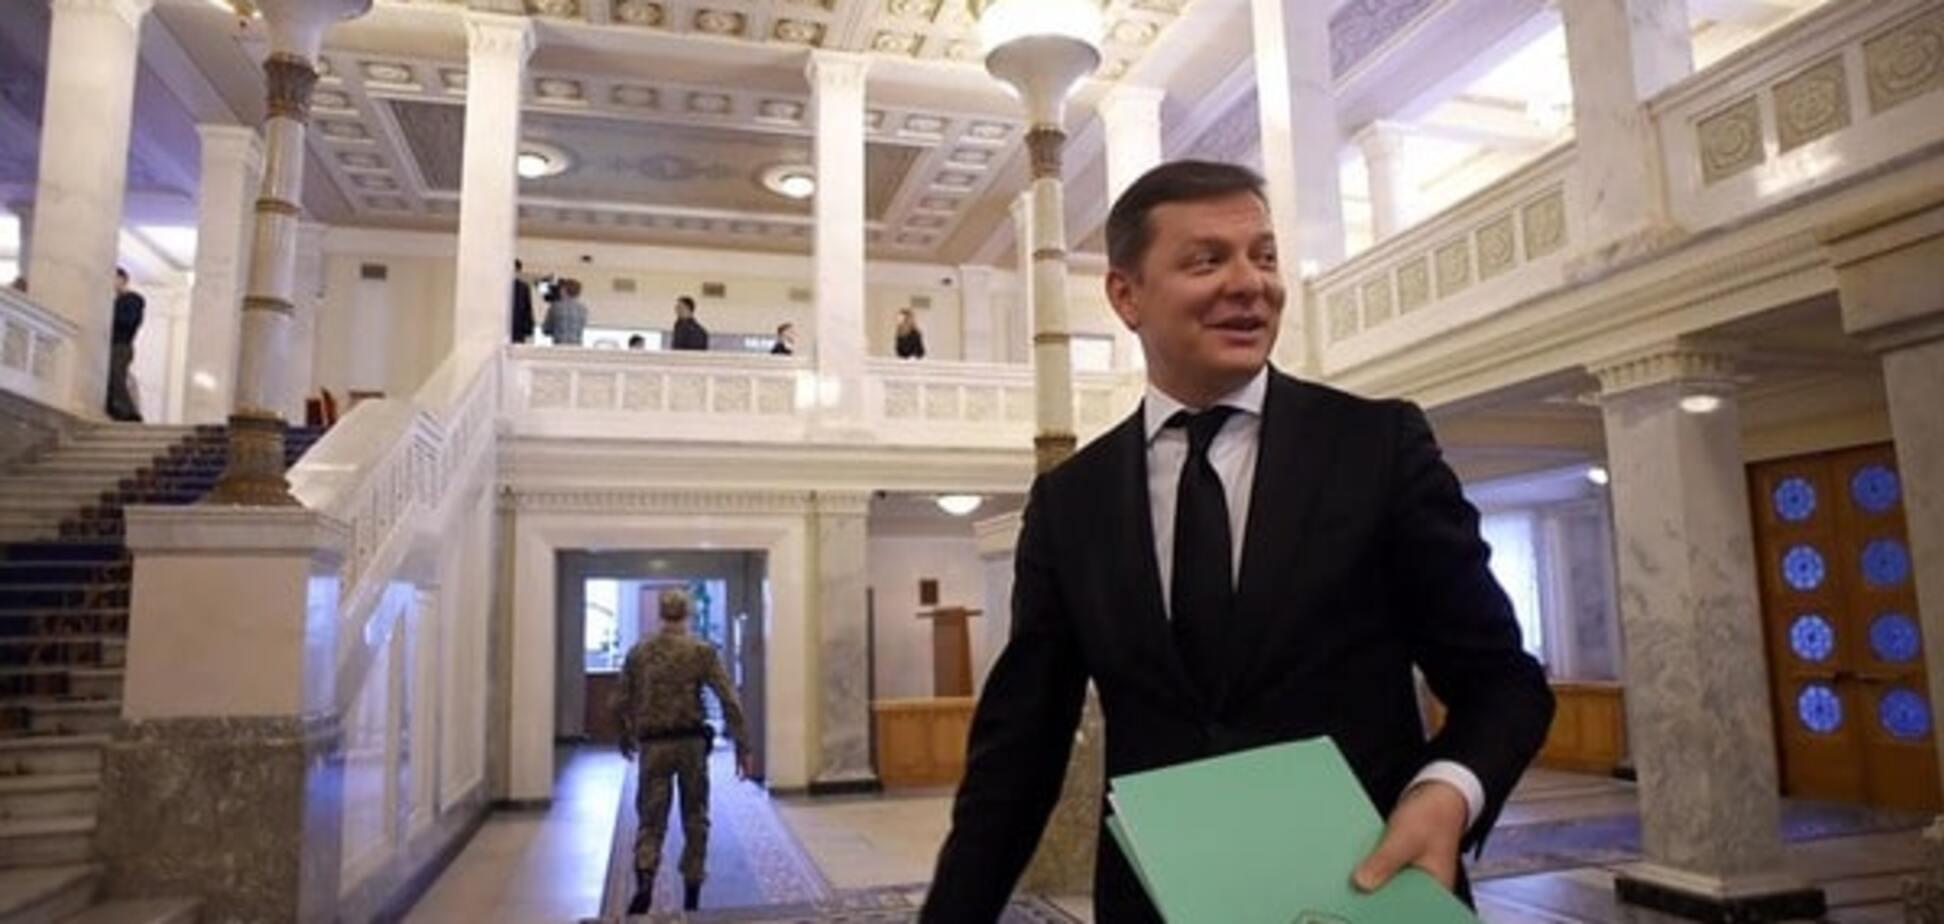 Луценко-генпрокурор: Ляшко визначився з позицією щодо голосування